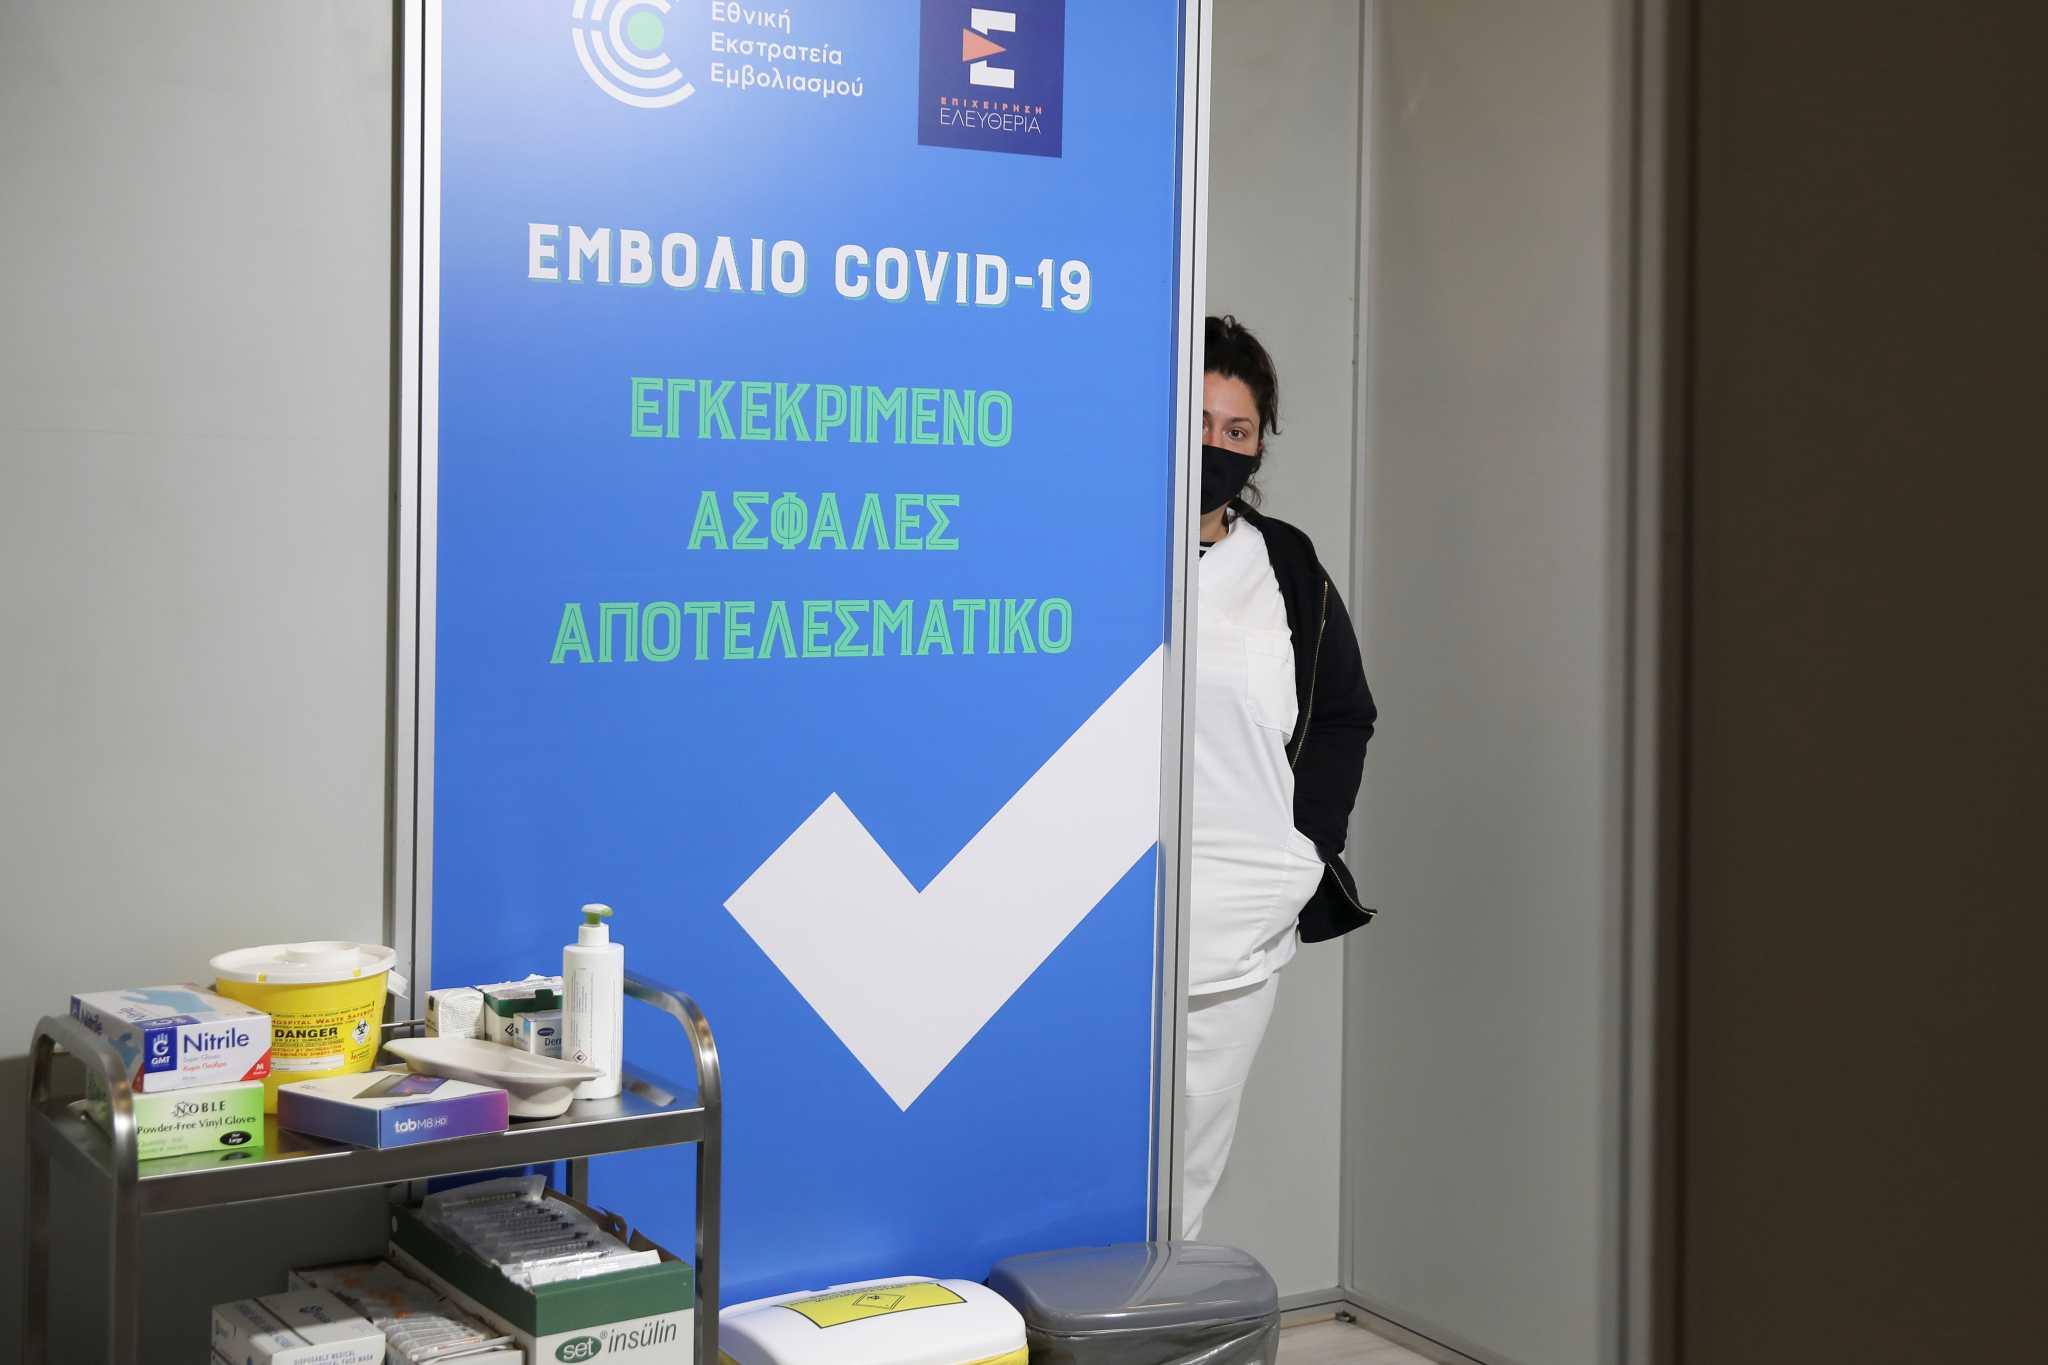 Κορονοϊός: Μια δόση εμβολίου μειώνει σχεδόν στο 50% τον κίνδυνο μετάδοσης στο σπίτι